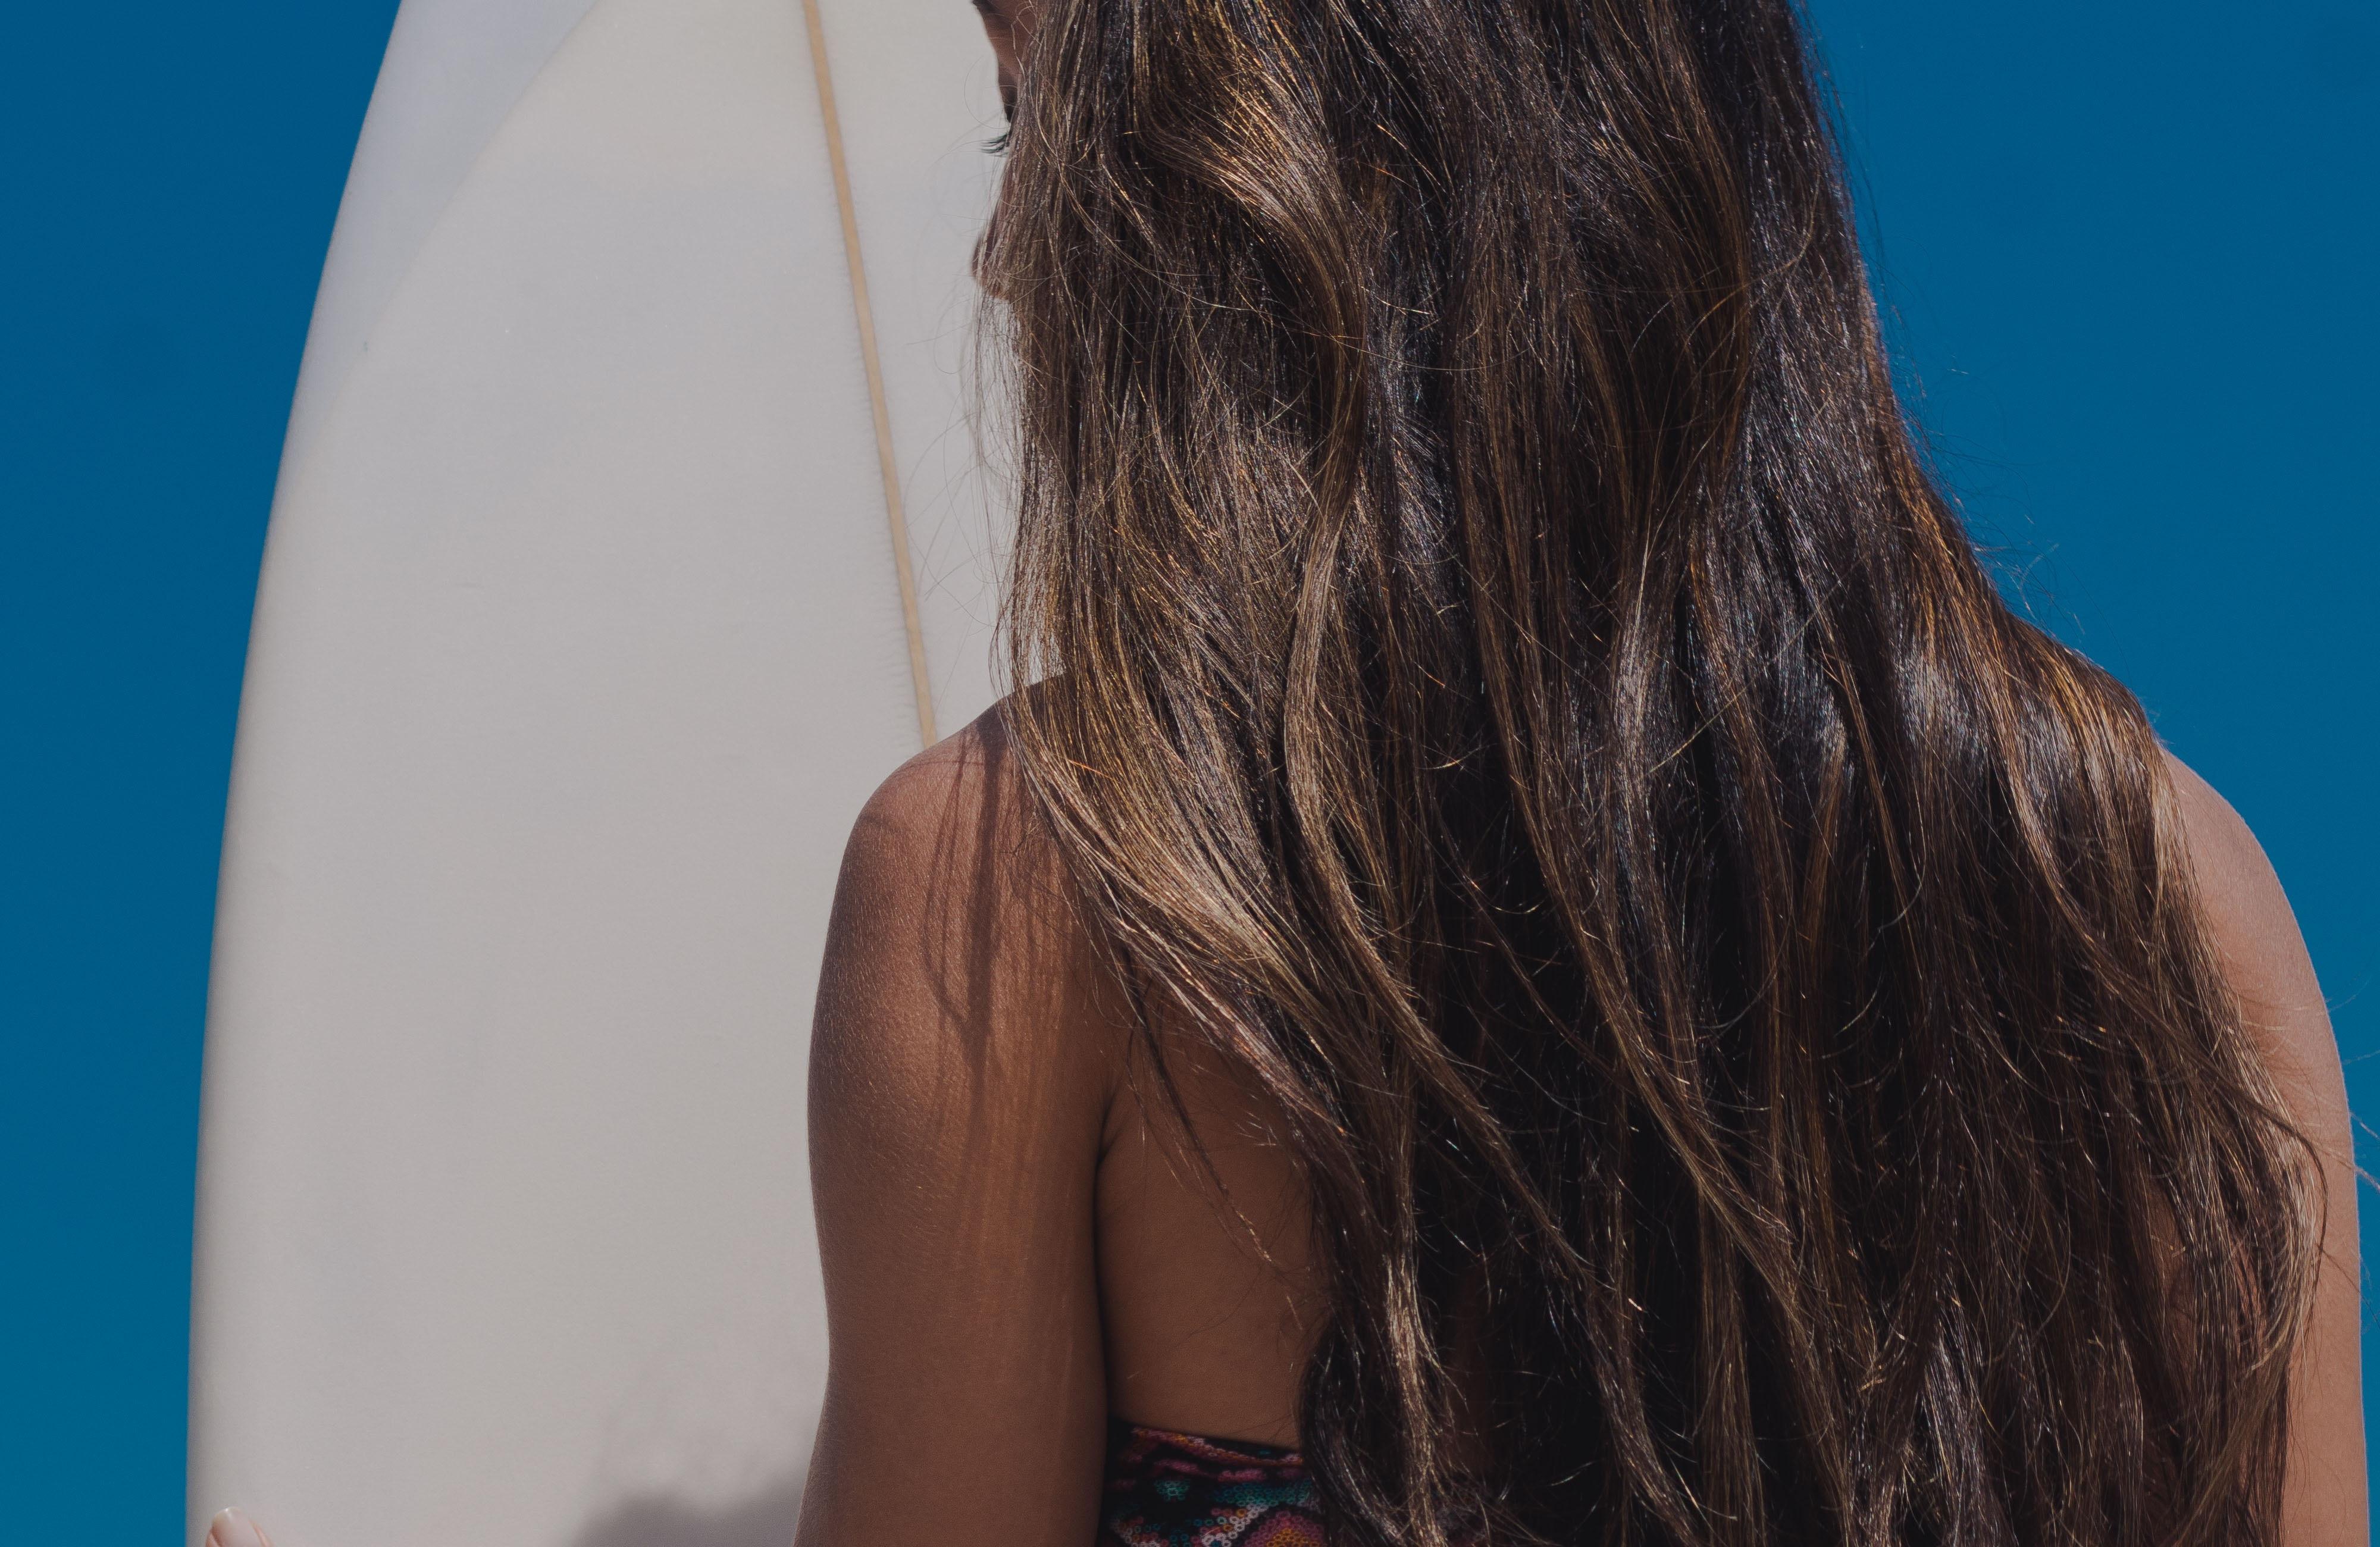 Surferhaare, Urlaubspflege , Surfen Surfurlaubfür Haare